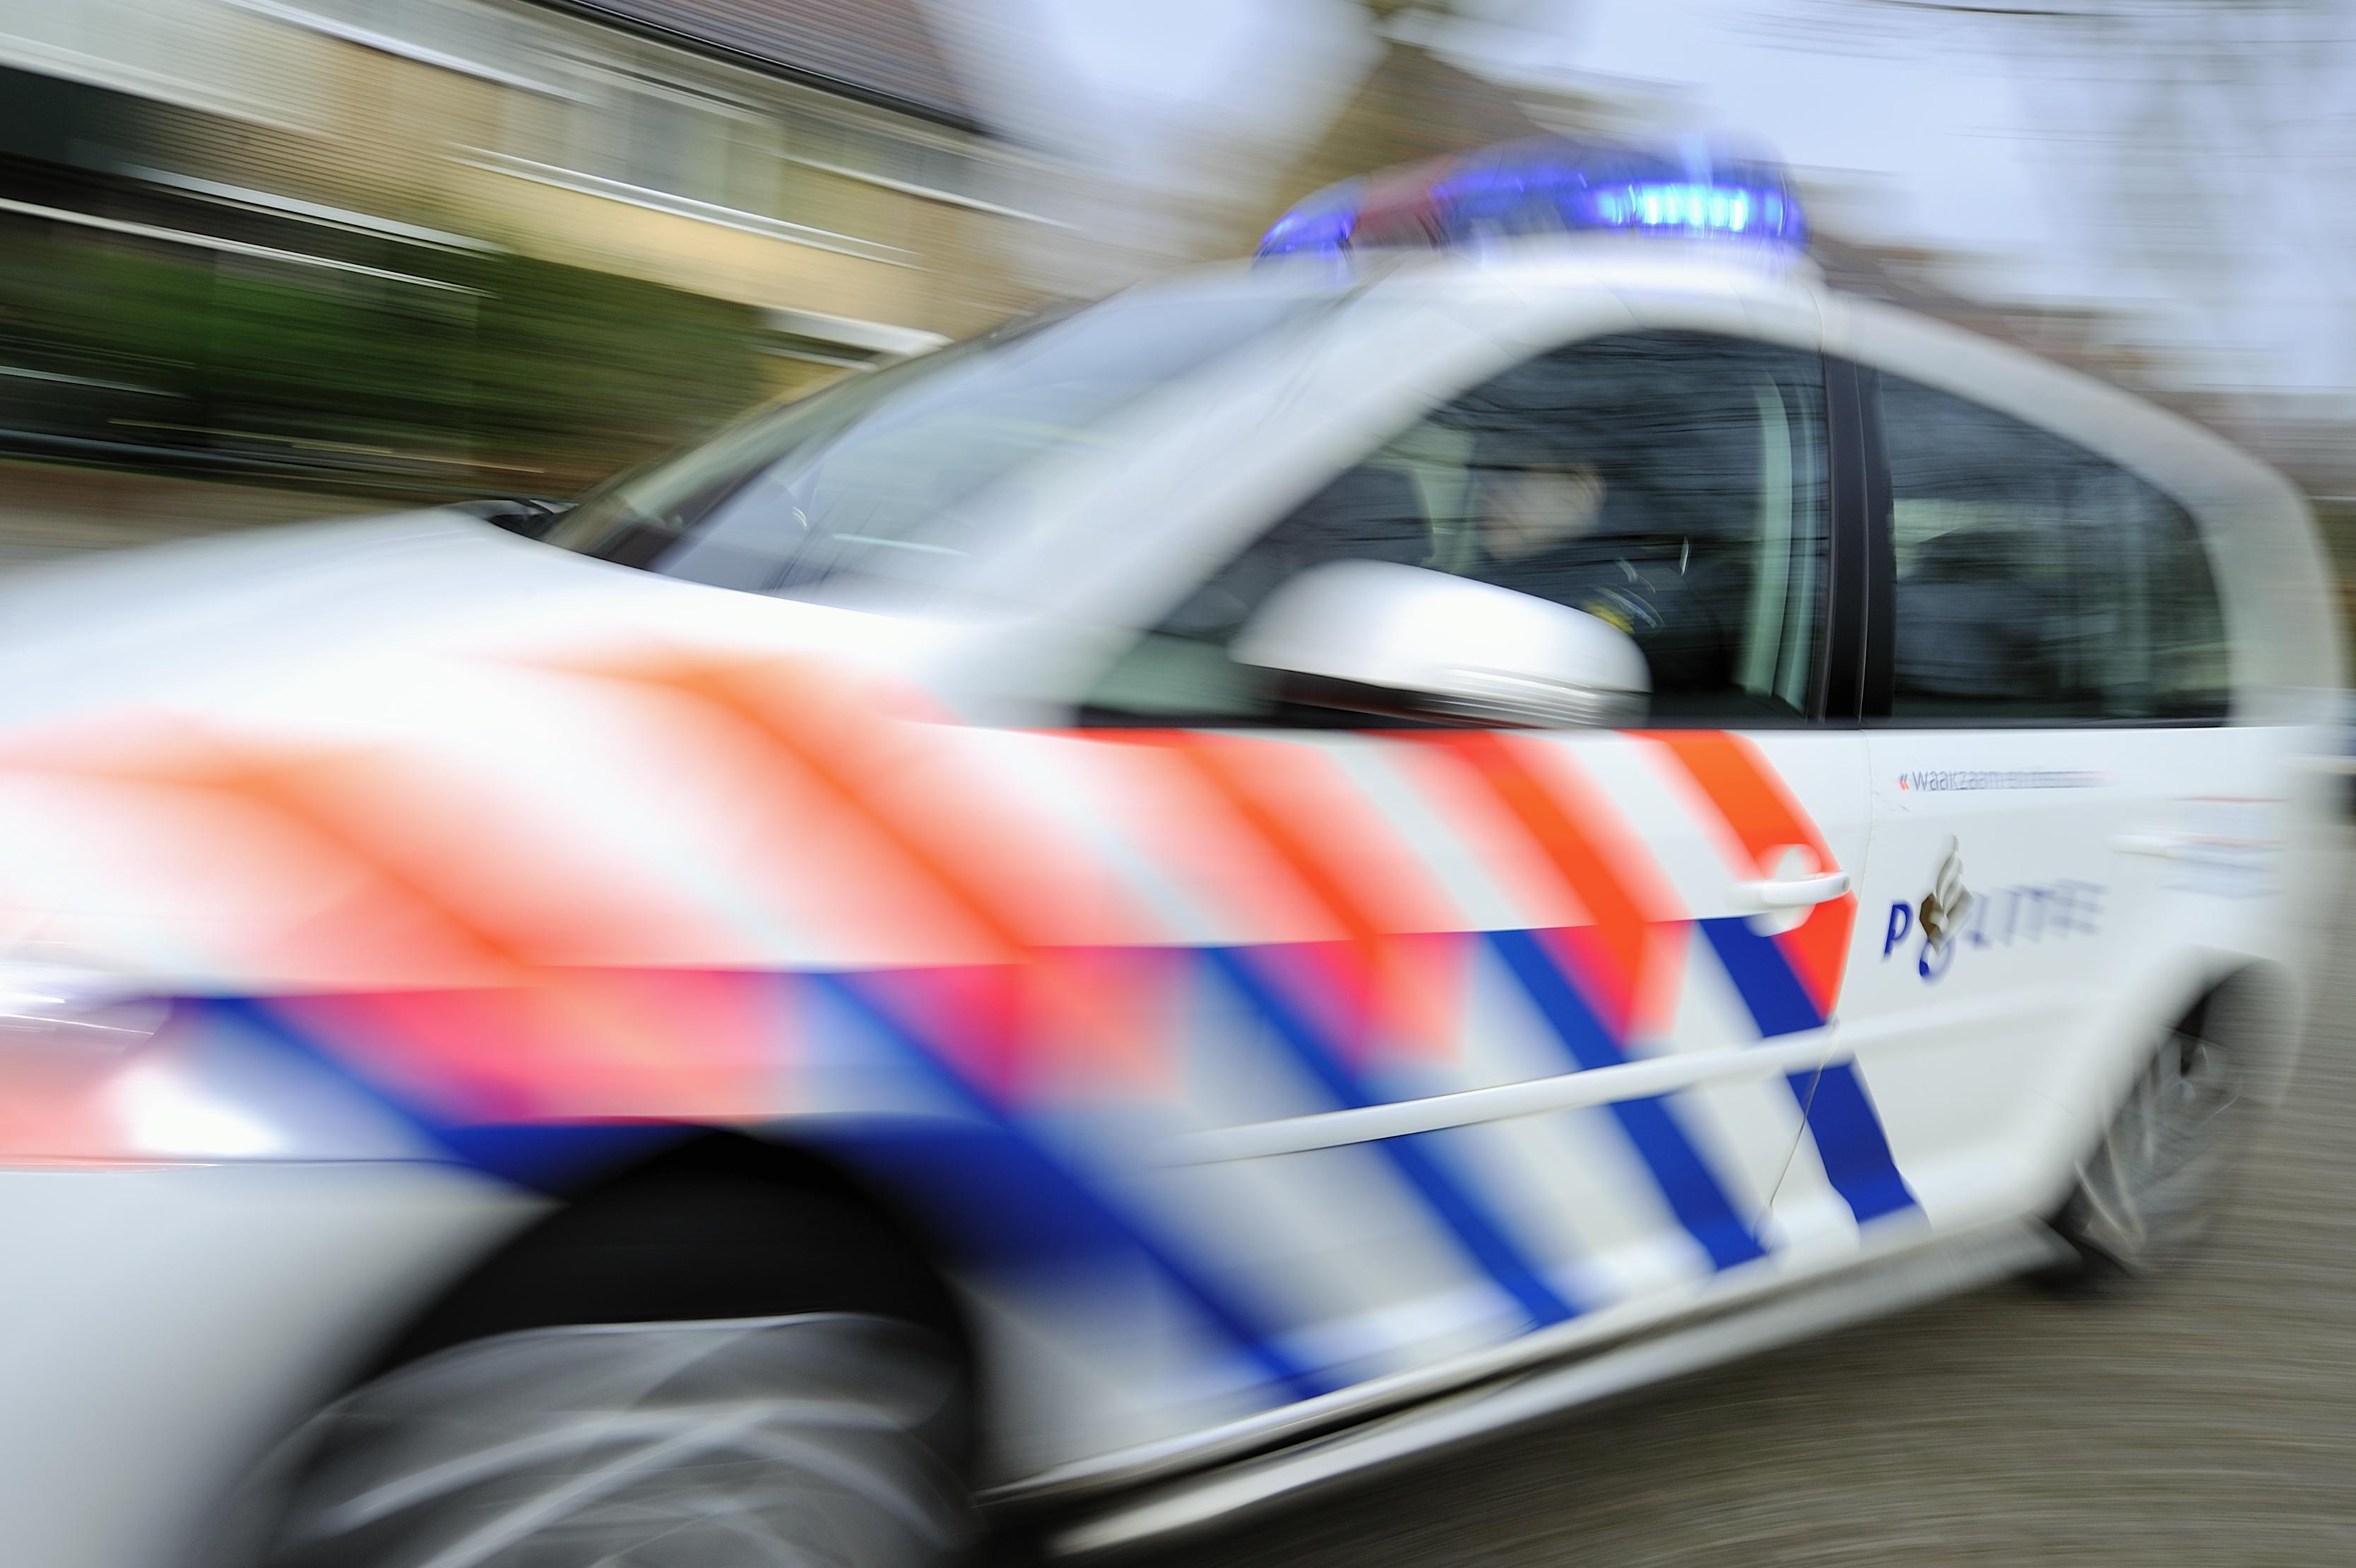 Winkeldief (68) krijgt flinke boete voor stelen zak patat in Santpoort-Zuid